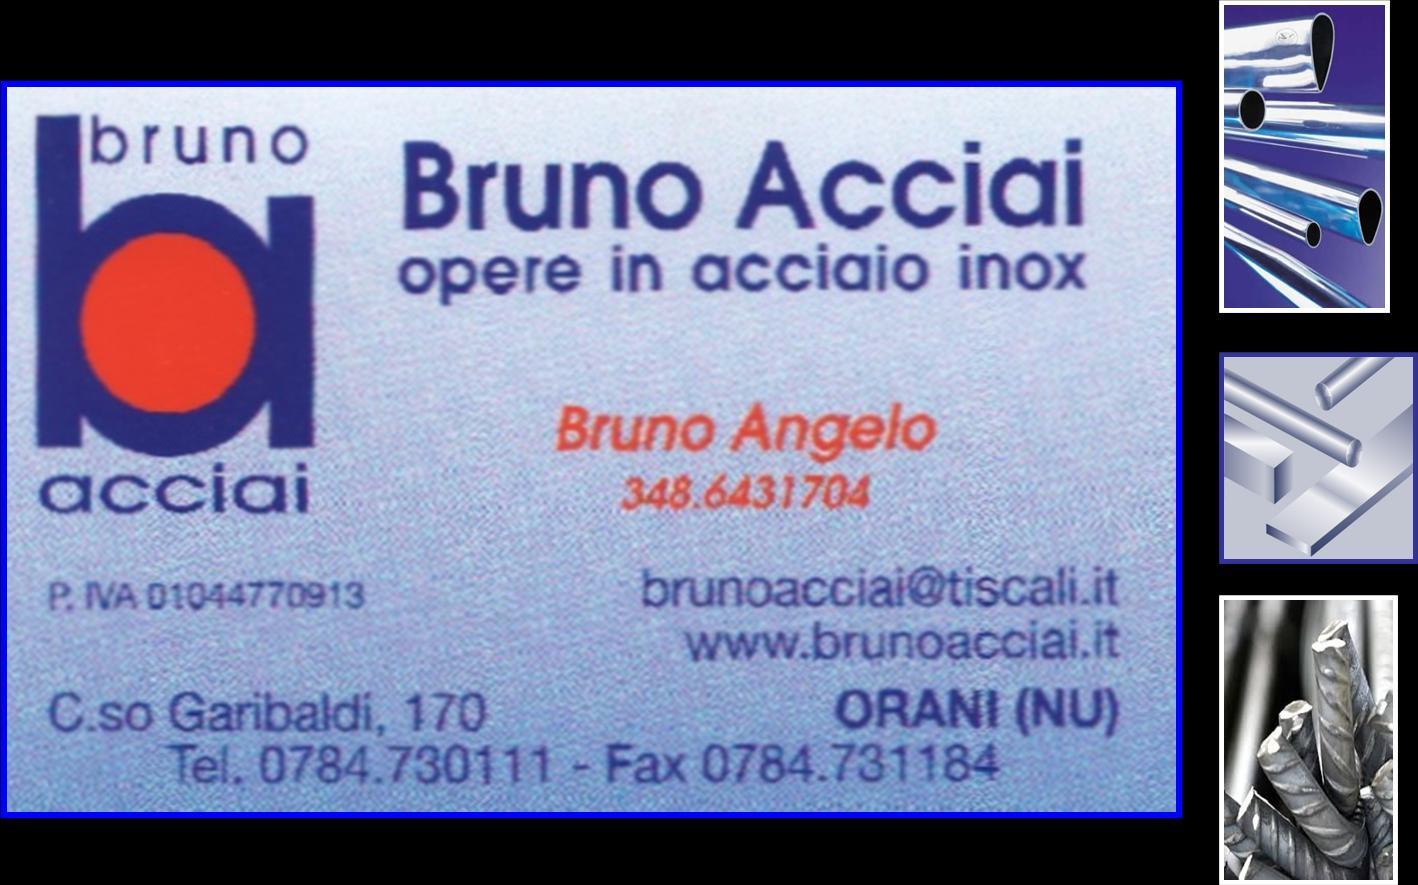 logo Bruno Acciai